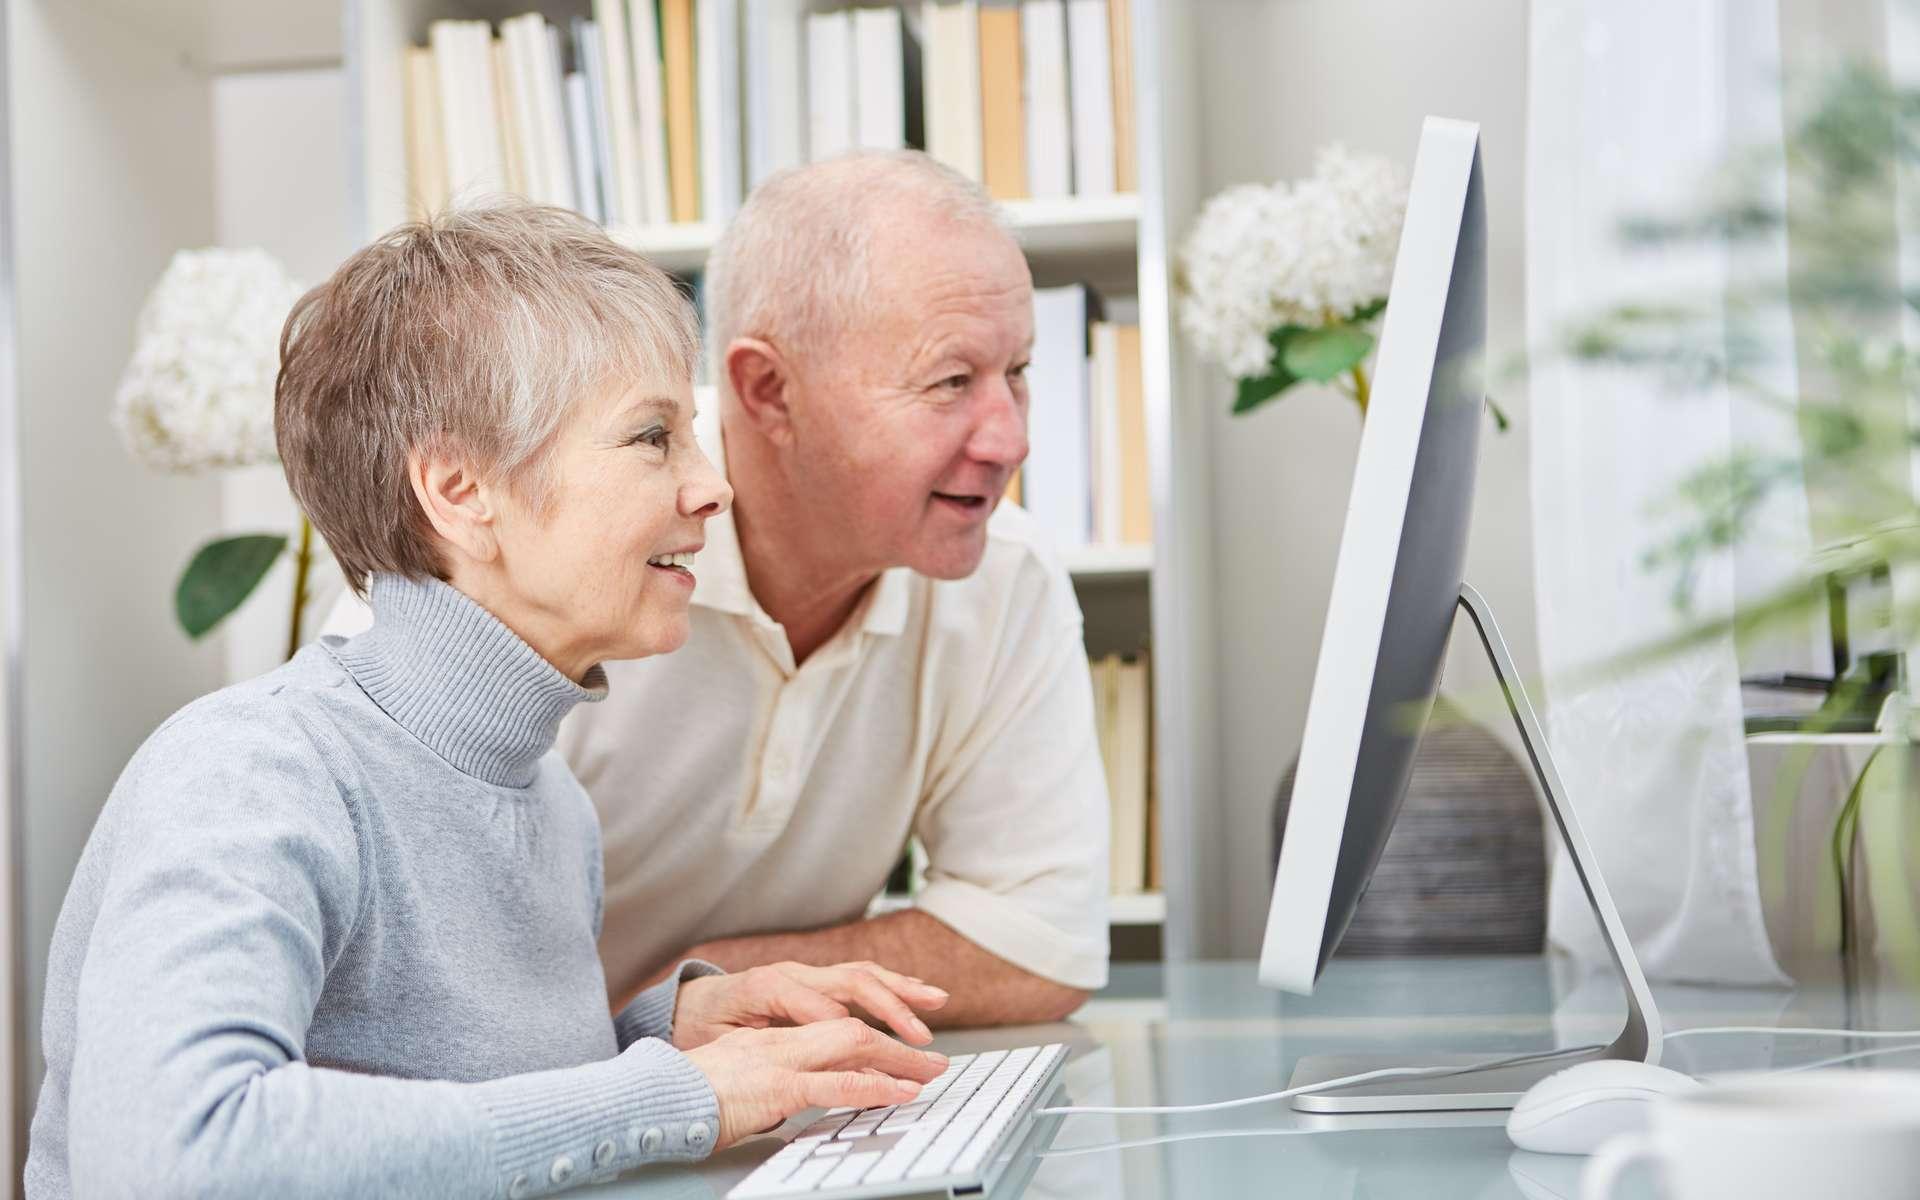 Avec l'âge, notre motivation à tenter de nouvelles expériences décline. © JenkoAtaman, Adobe Stock